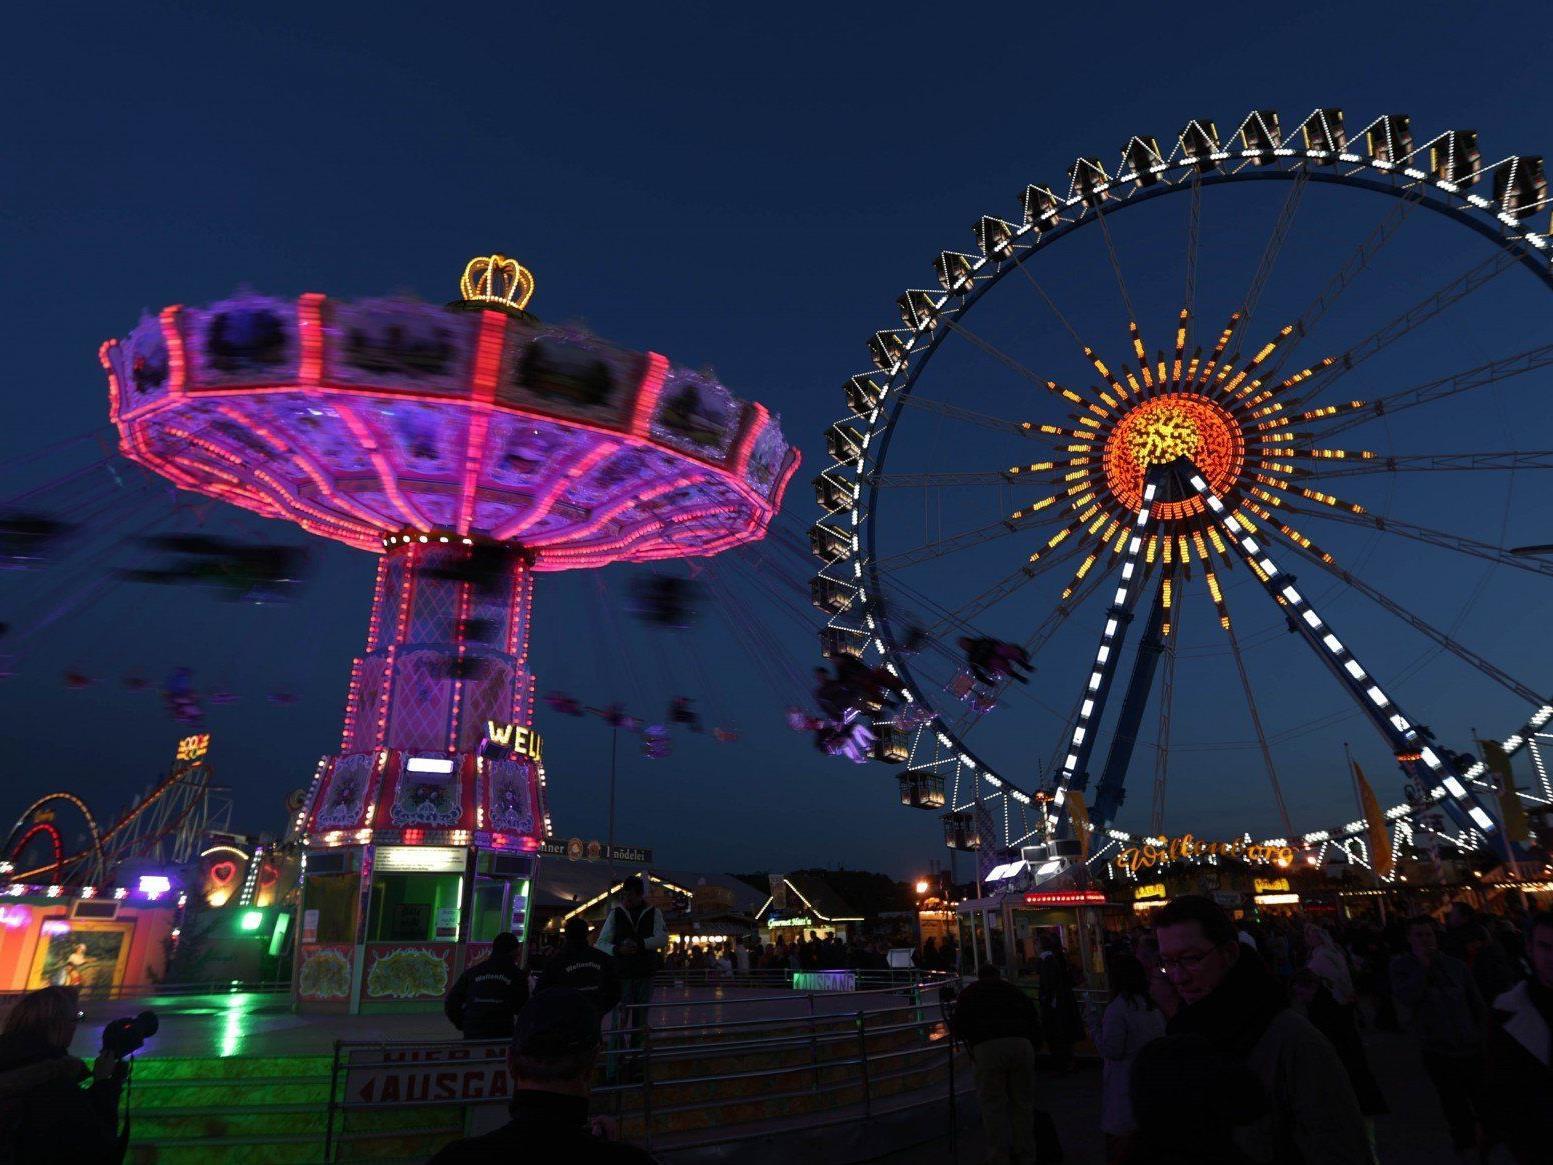 Beim Münchner Oktoberfest kommt es jedes Jahr zu kleinen und großen Verletzungen.